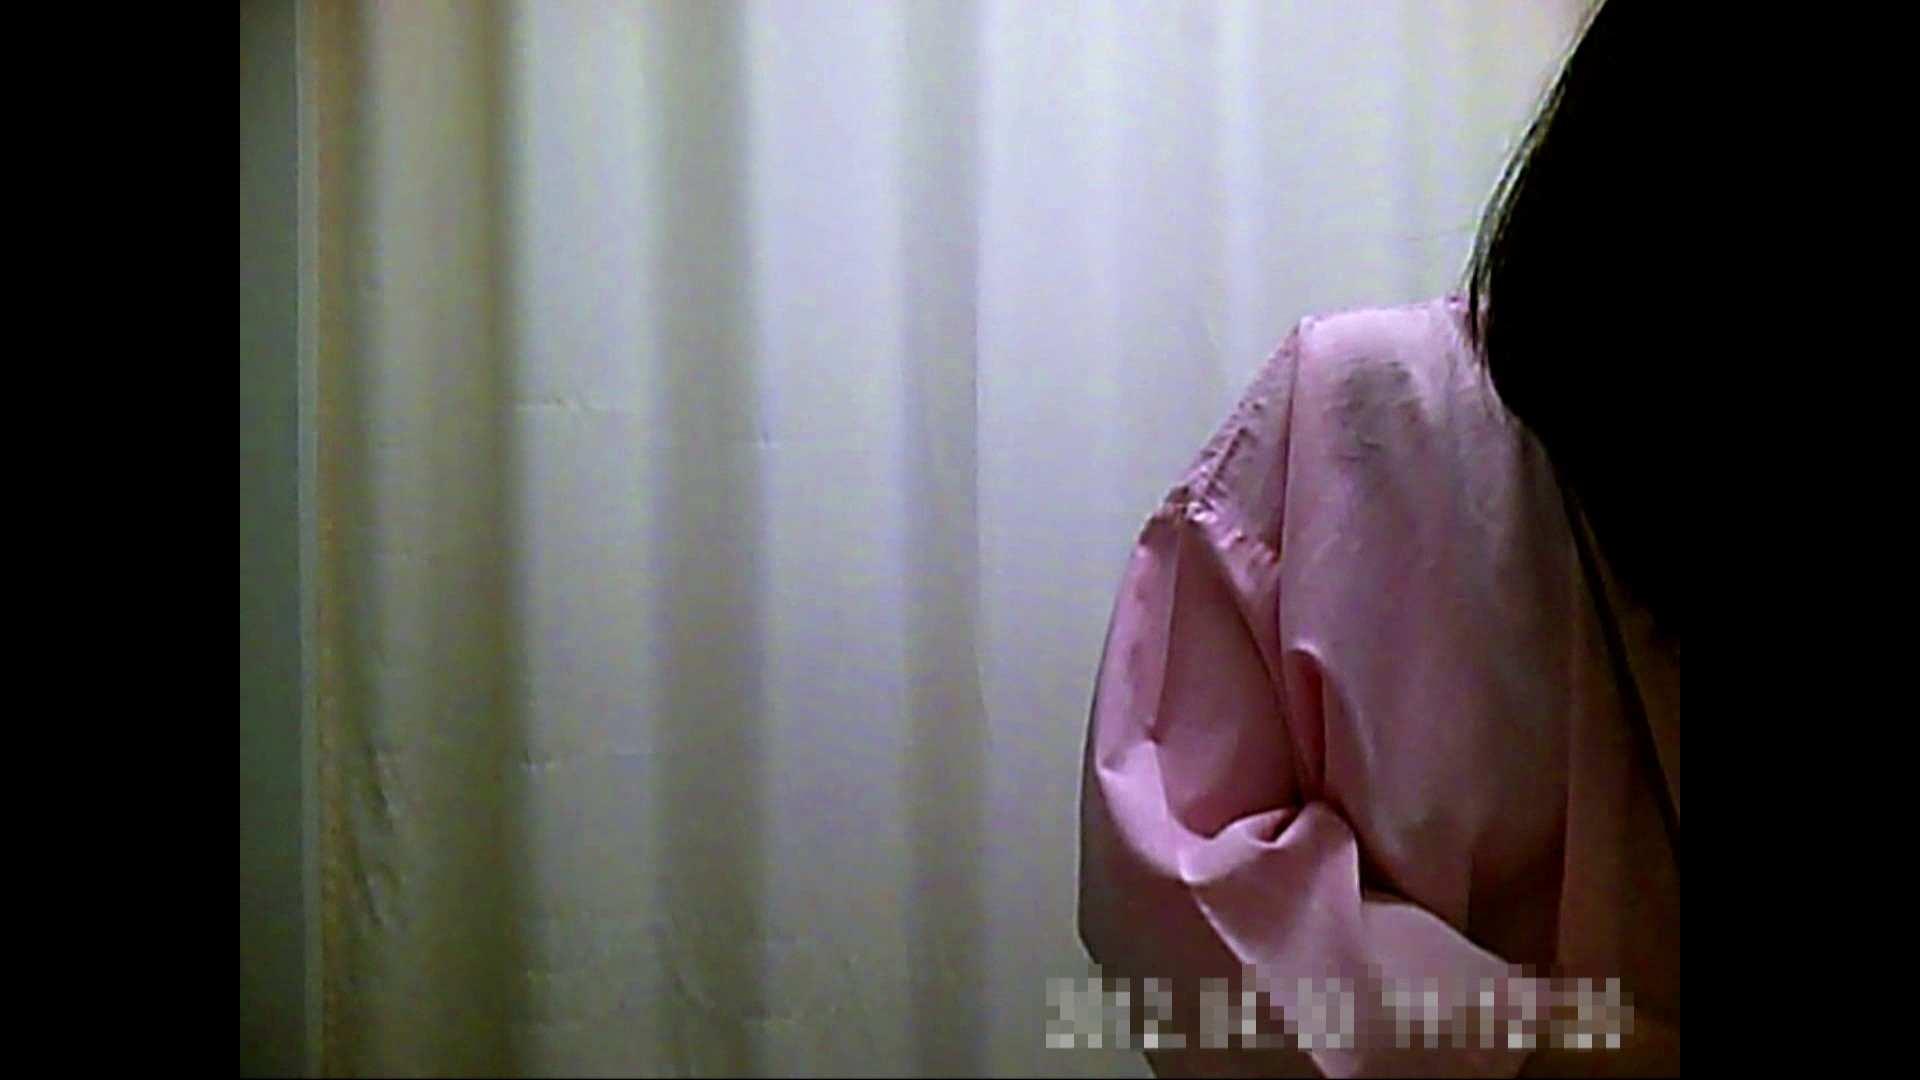 元医者による反抗 更衣室地獄絵巻 vol.022 お姉さん攻略 セックス画像 56画像 29